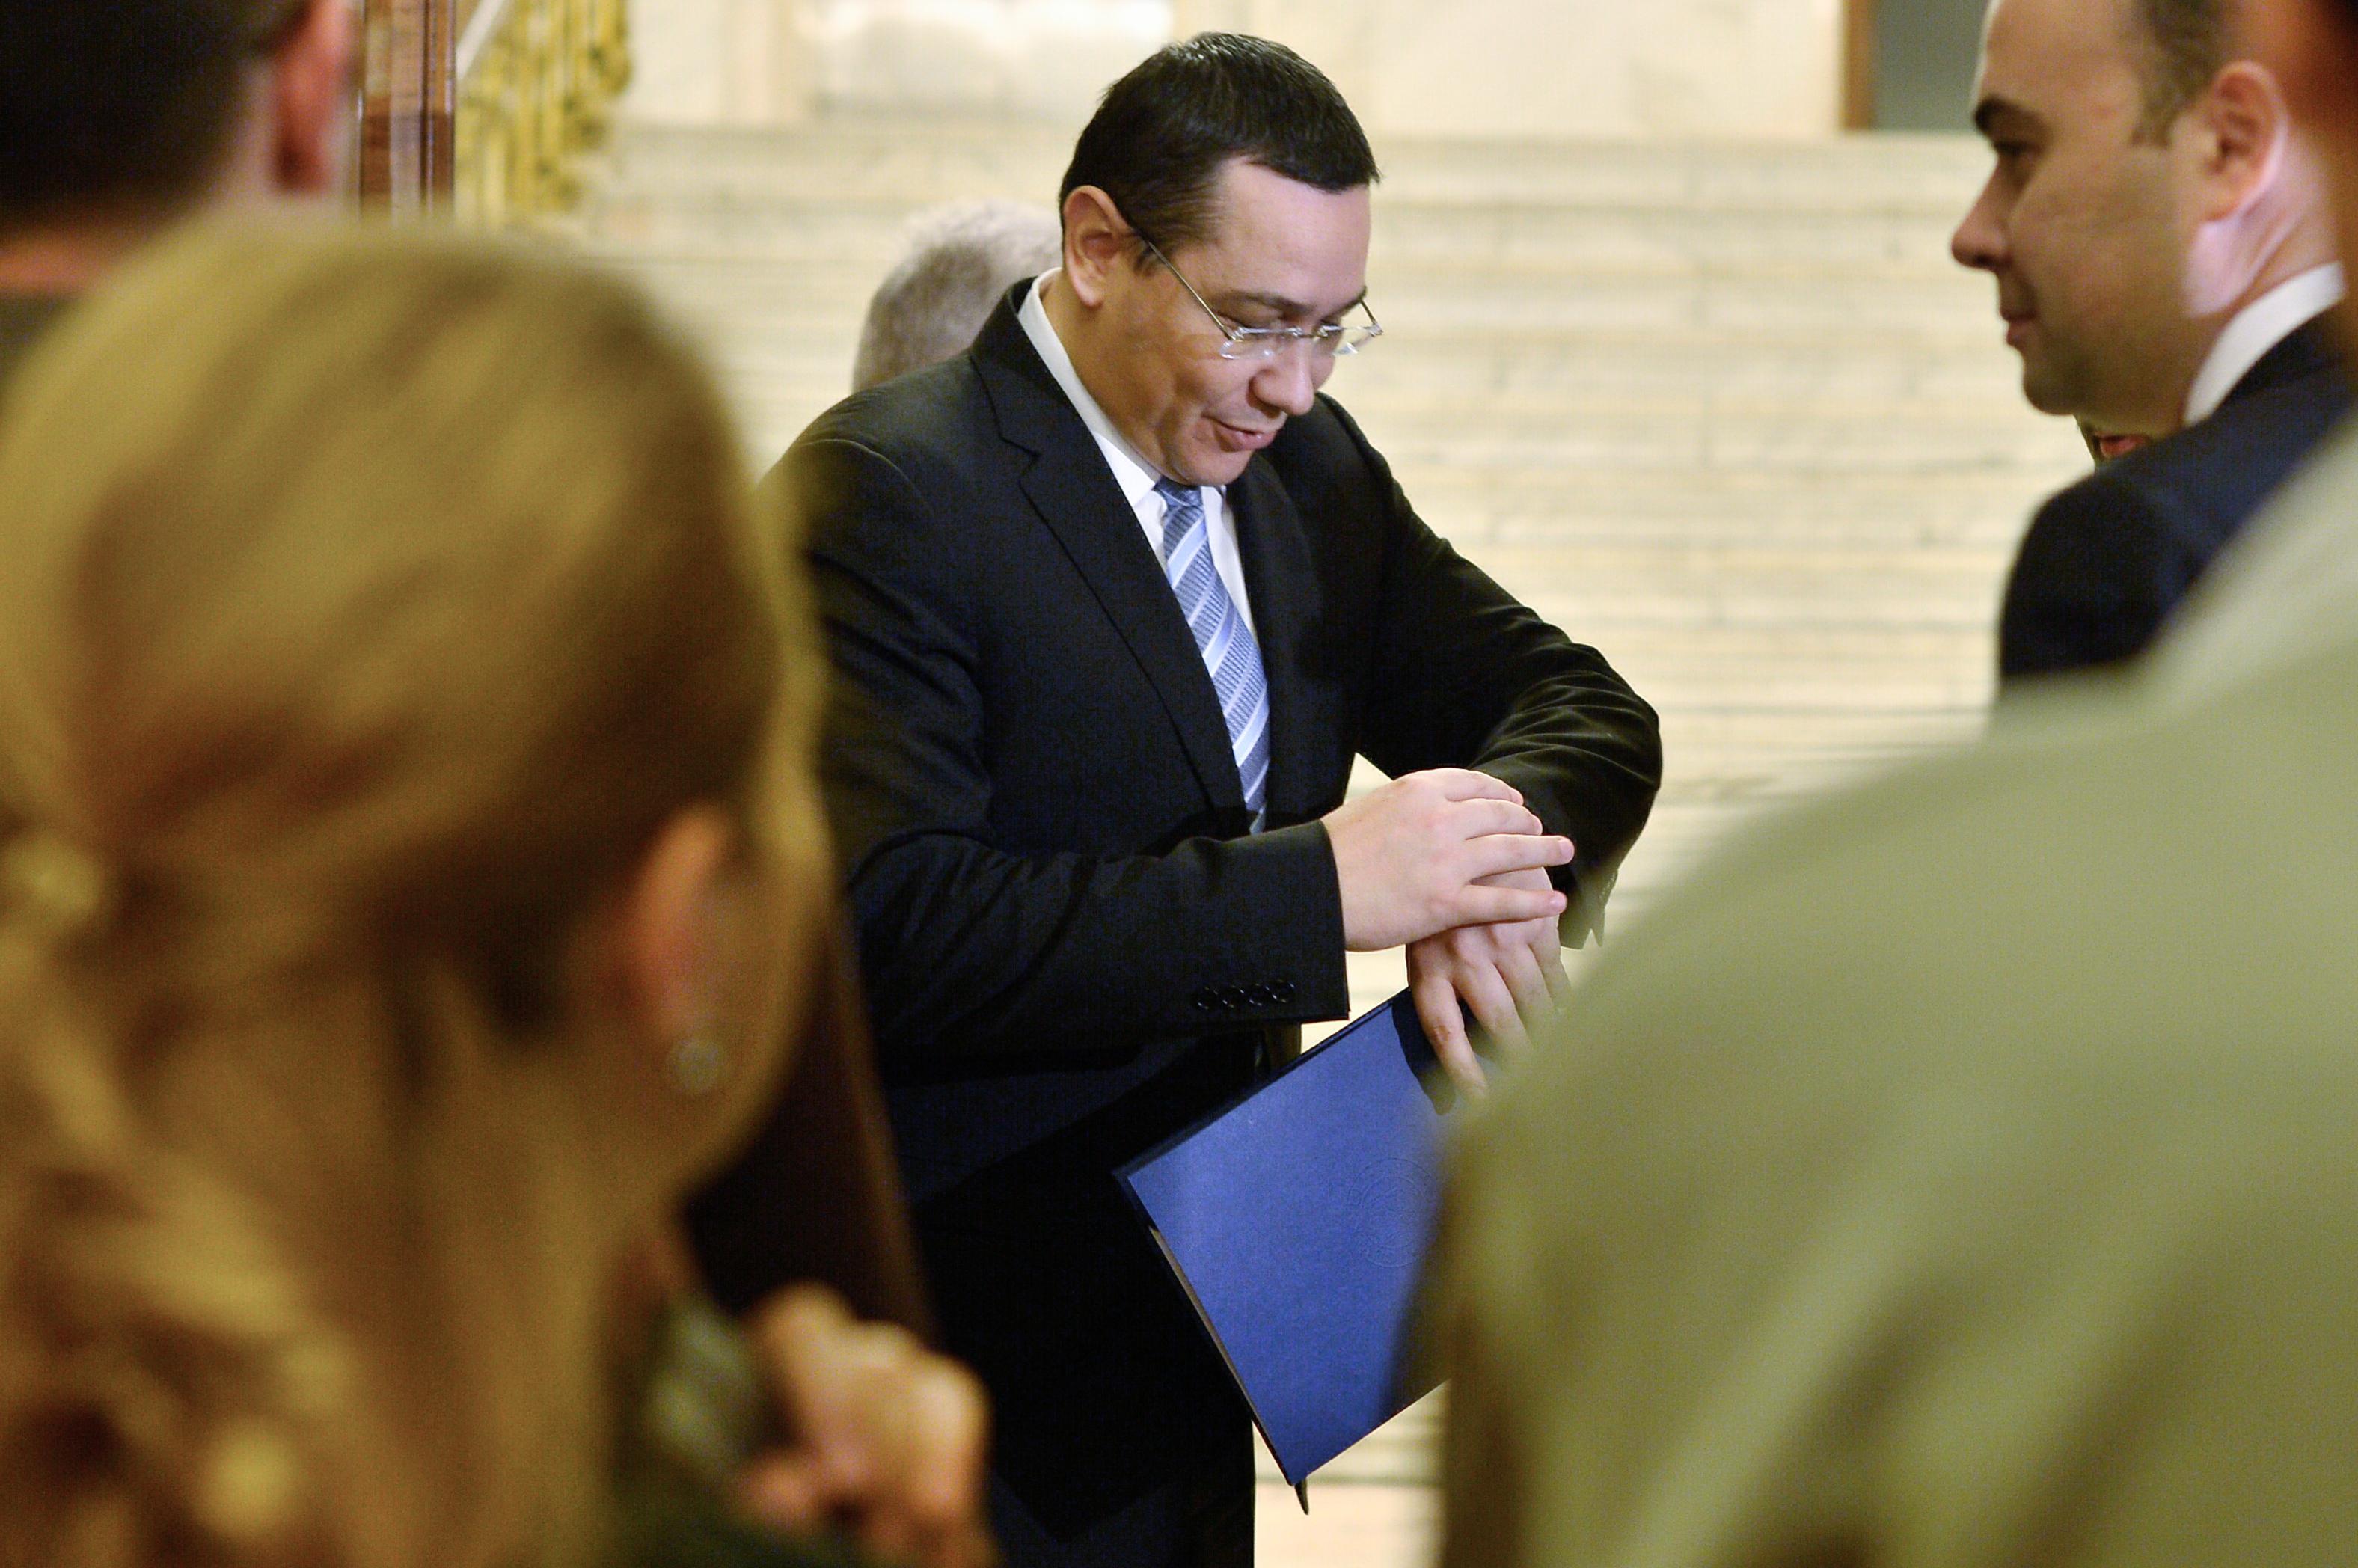 Guvernul se grabeste cu Codul Fiscal. Ponta: ,,Maine avem din nou sedinta numai pentru cele doua proiecte